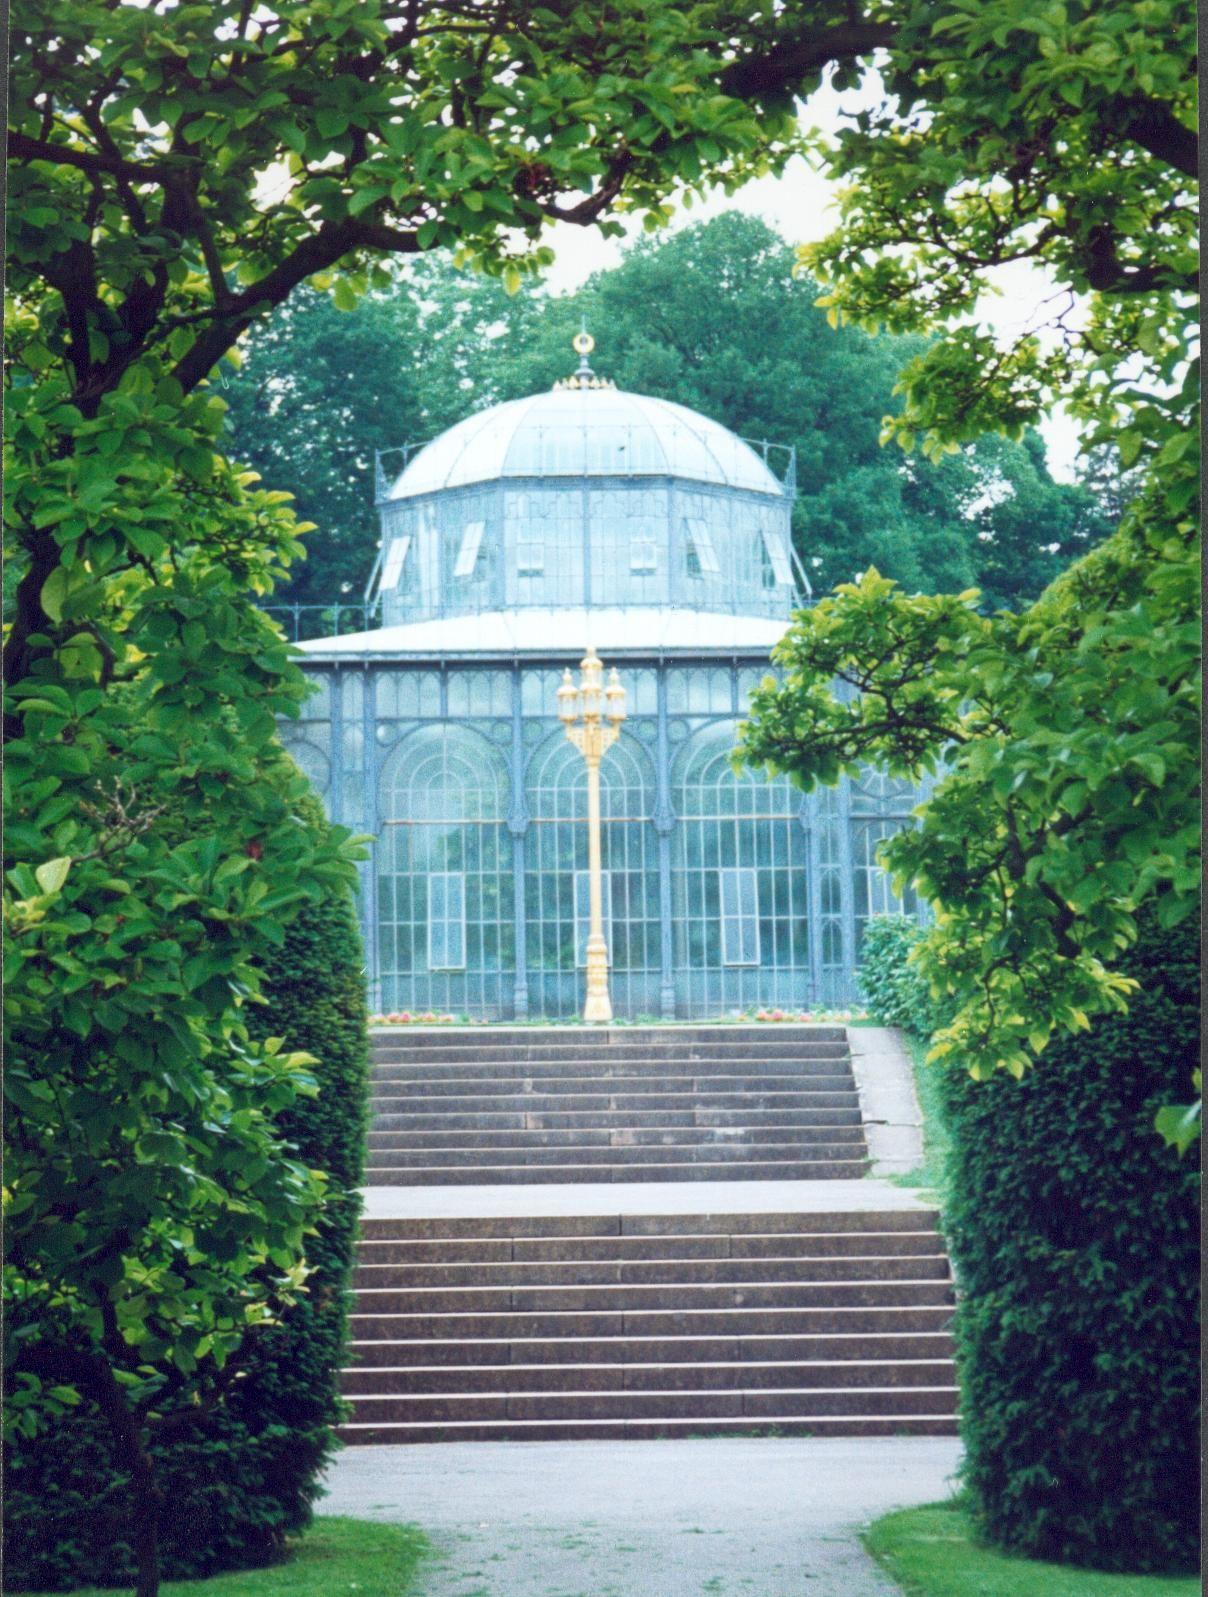 Pin Von Fotografie Schroder Auf Gardens That Feed The Soul Wilhelma Stuttgart Stuttgart Reisen